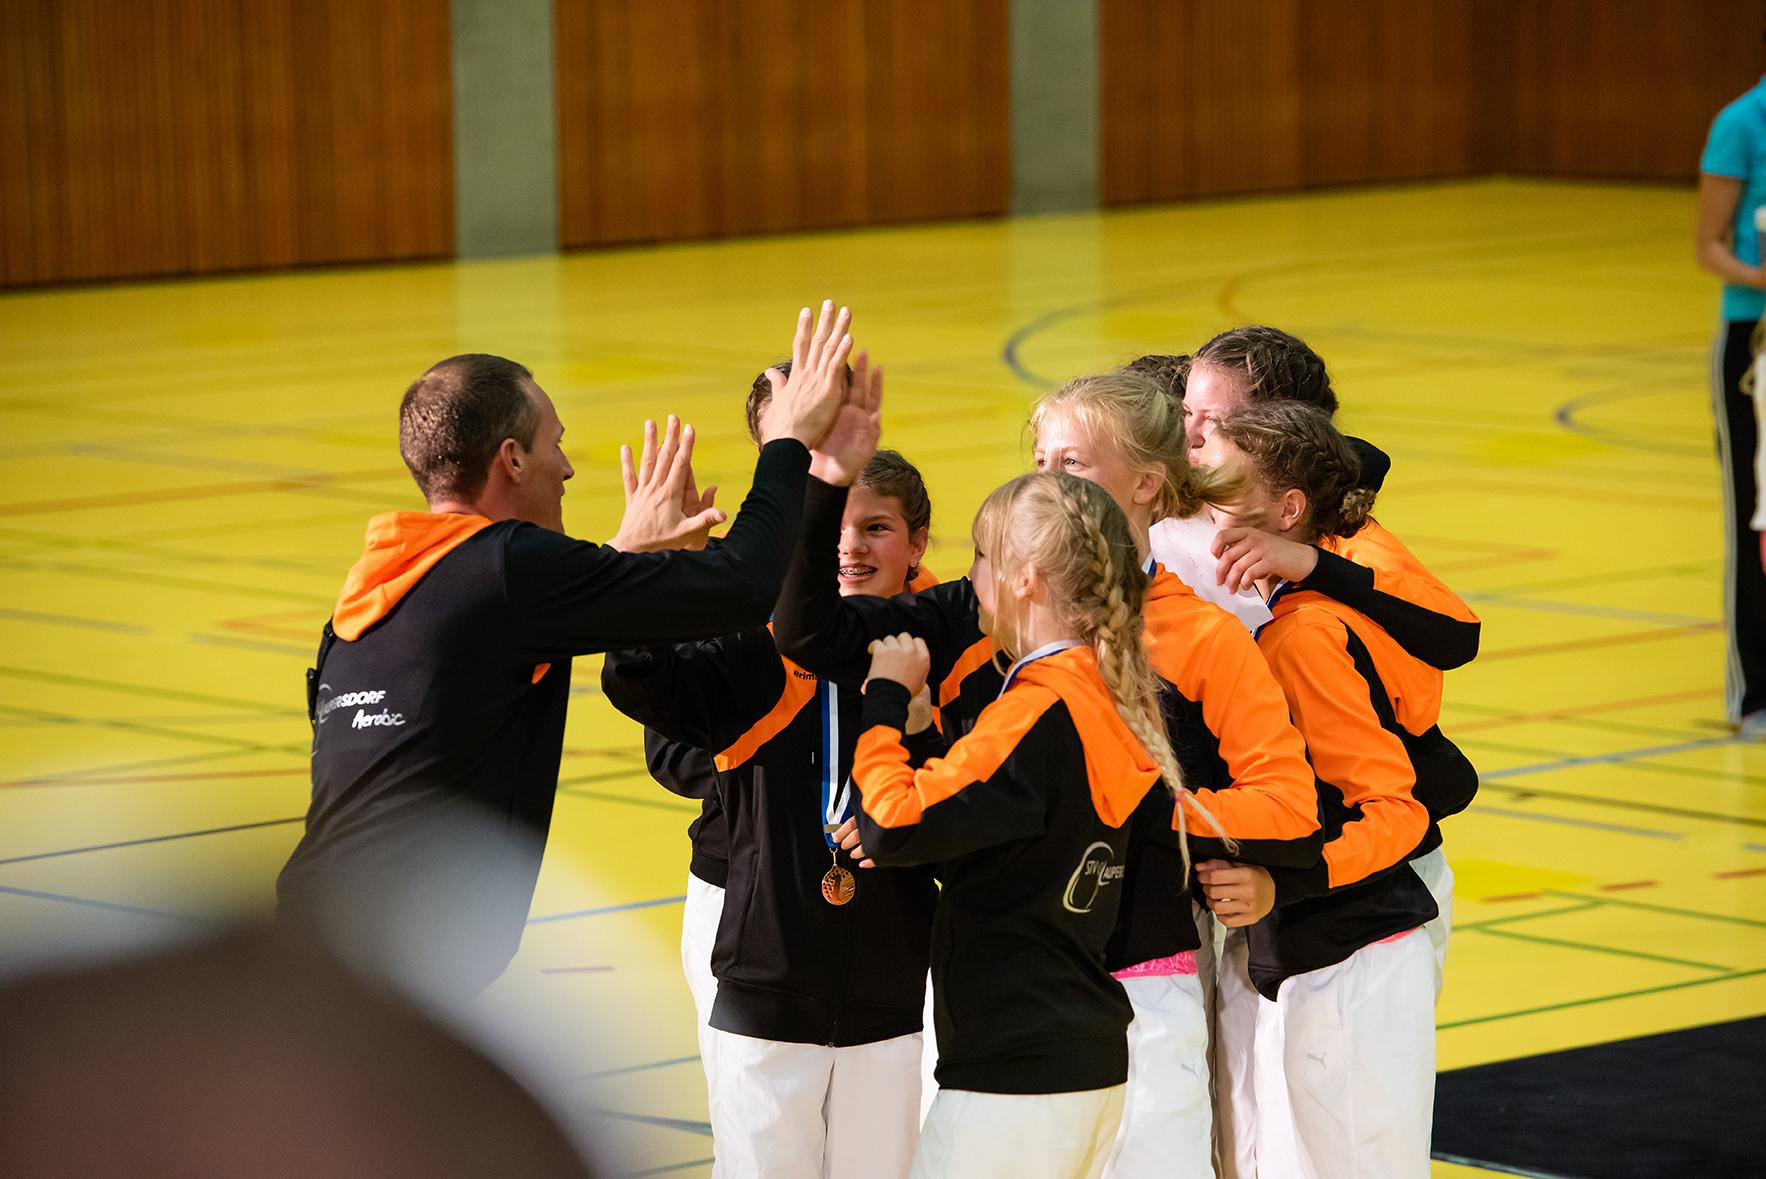 Foto_Römmel_DSC_3061